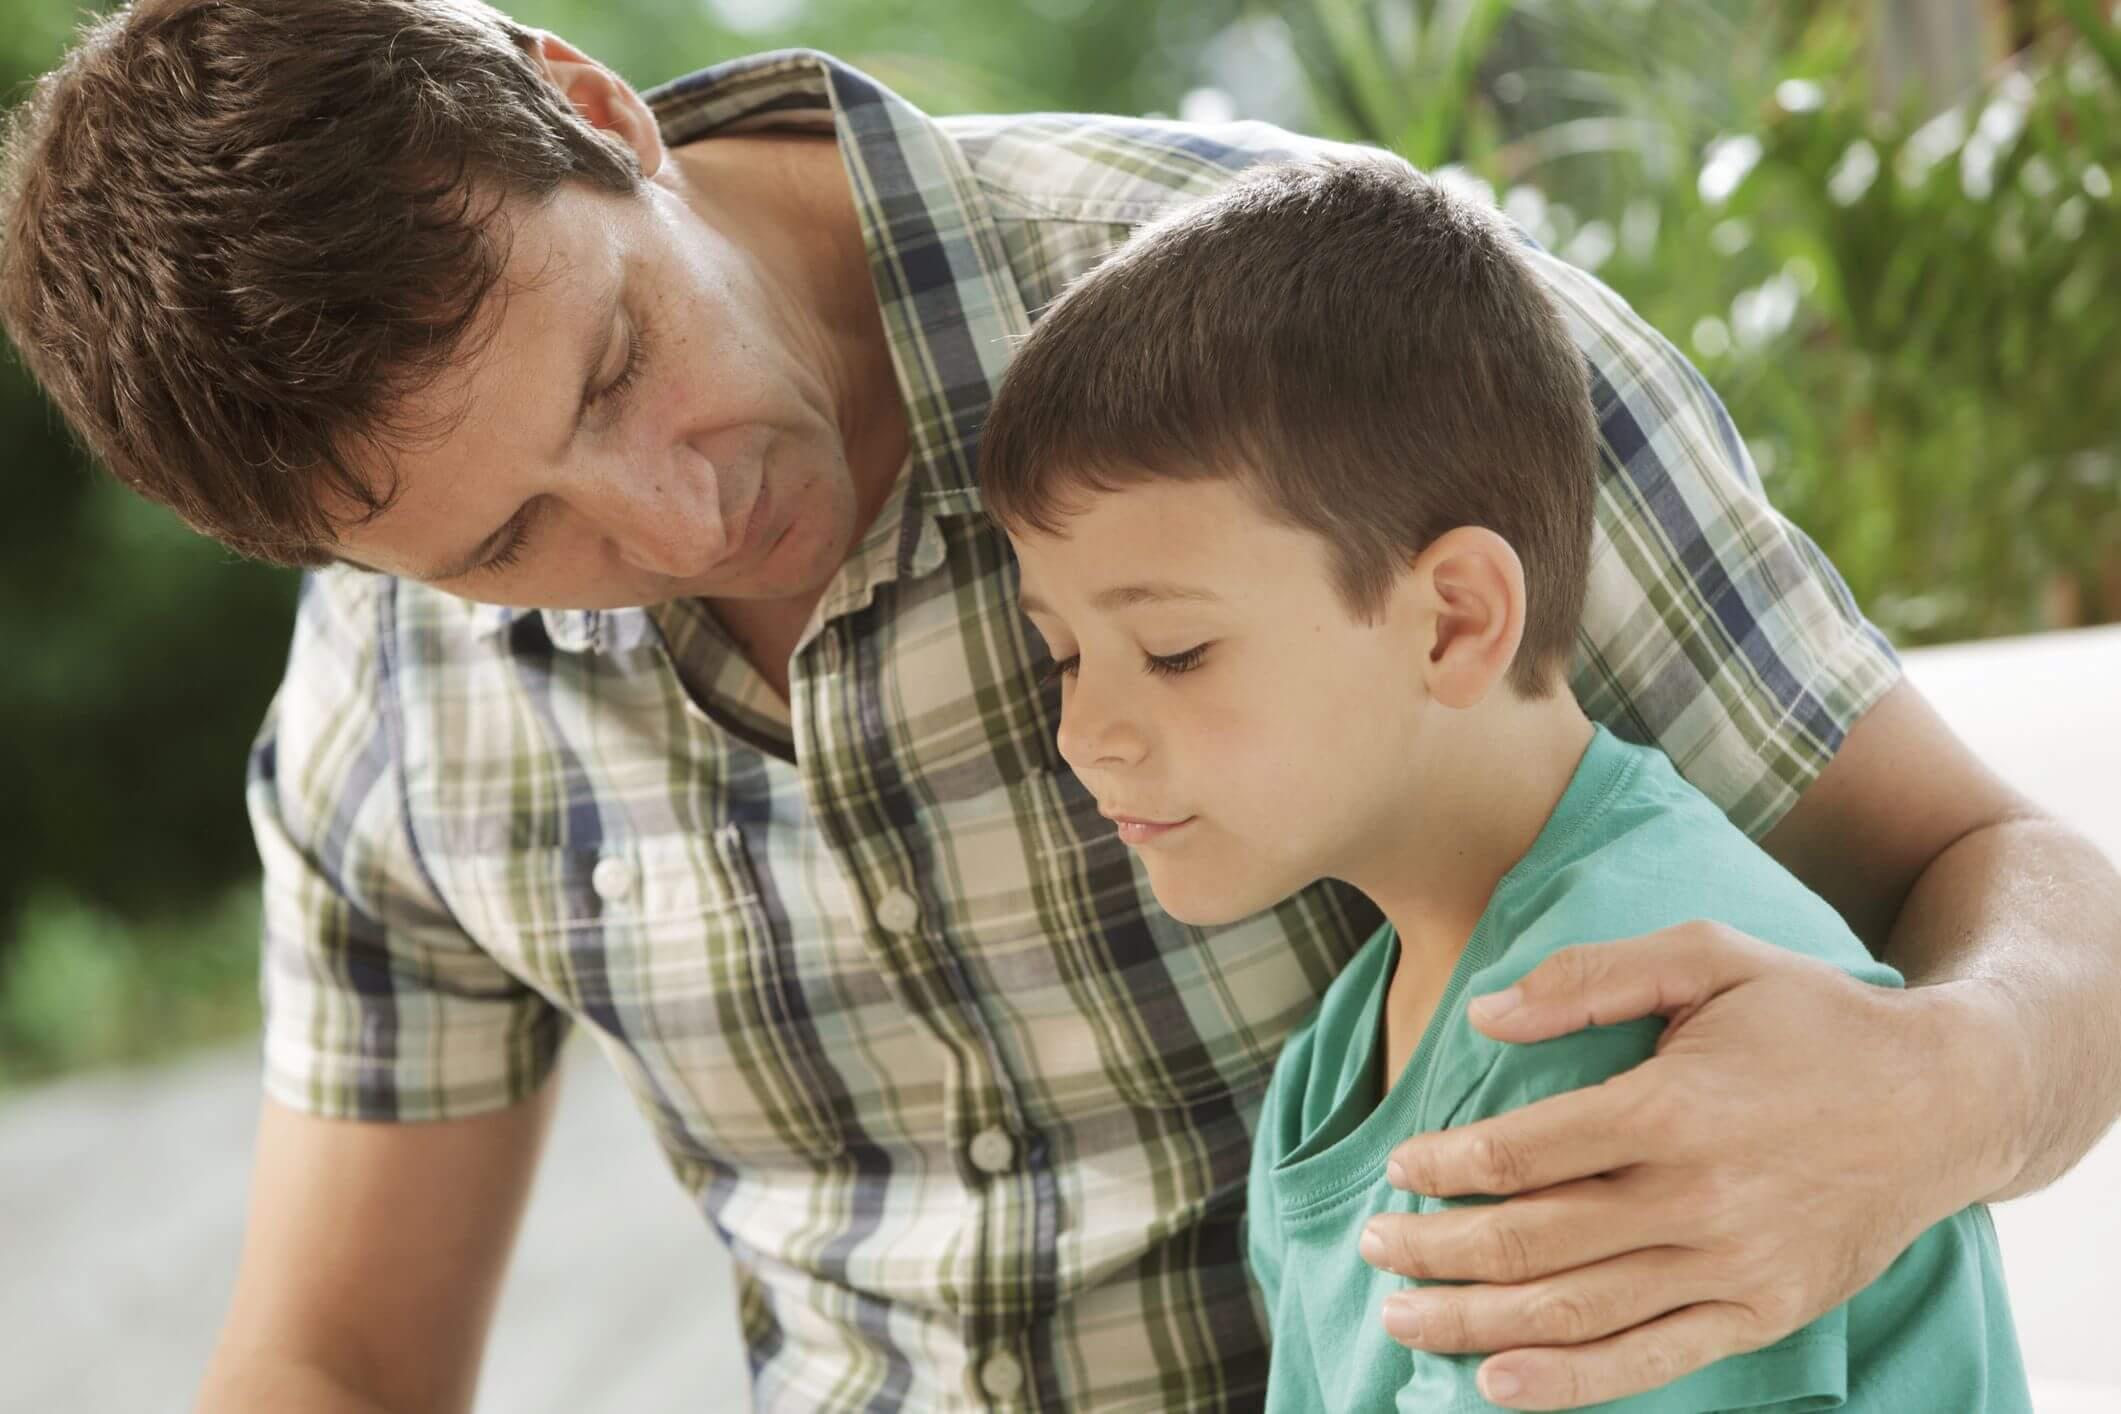 lyssna på barn: pappa lyssnar på barn